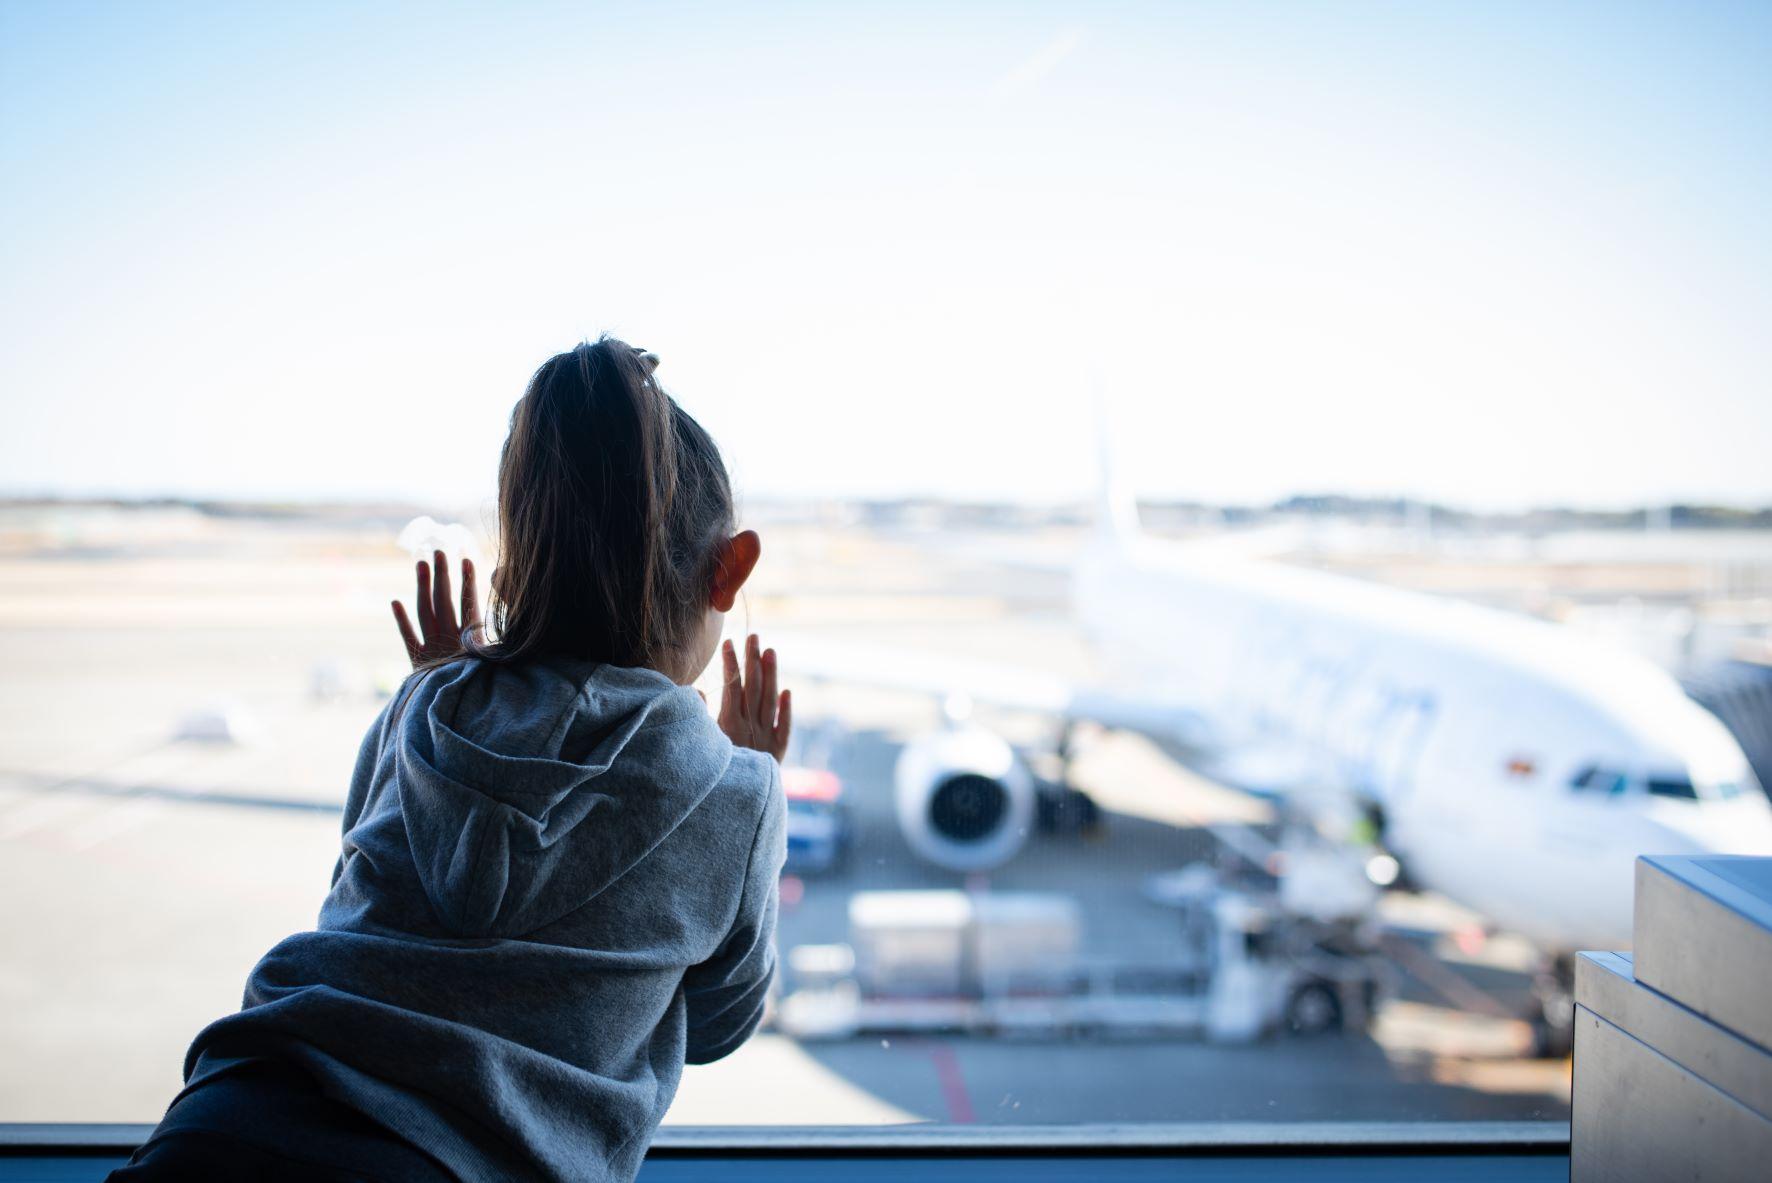 Mädchen blickt im Flughafen am Fenster auf Rollfeld